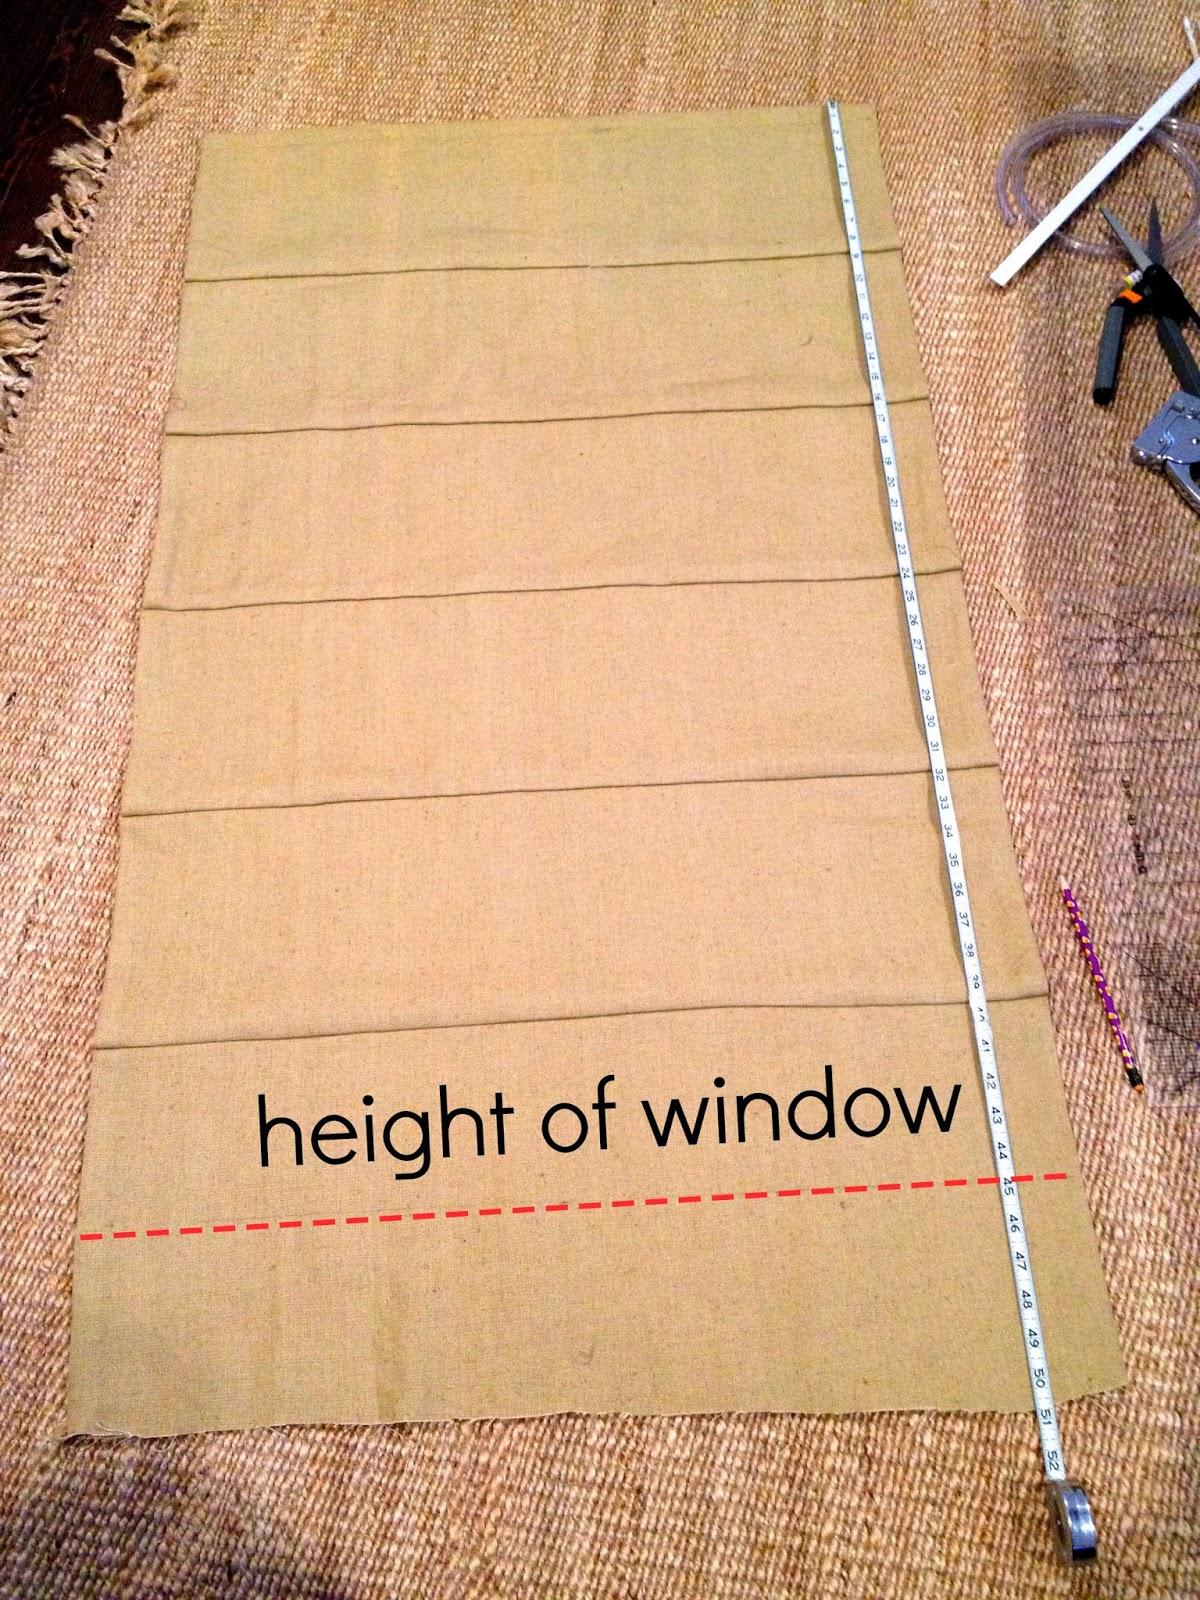 mark height of window